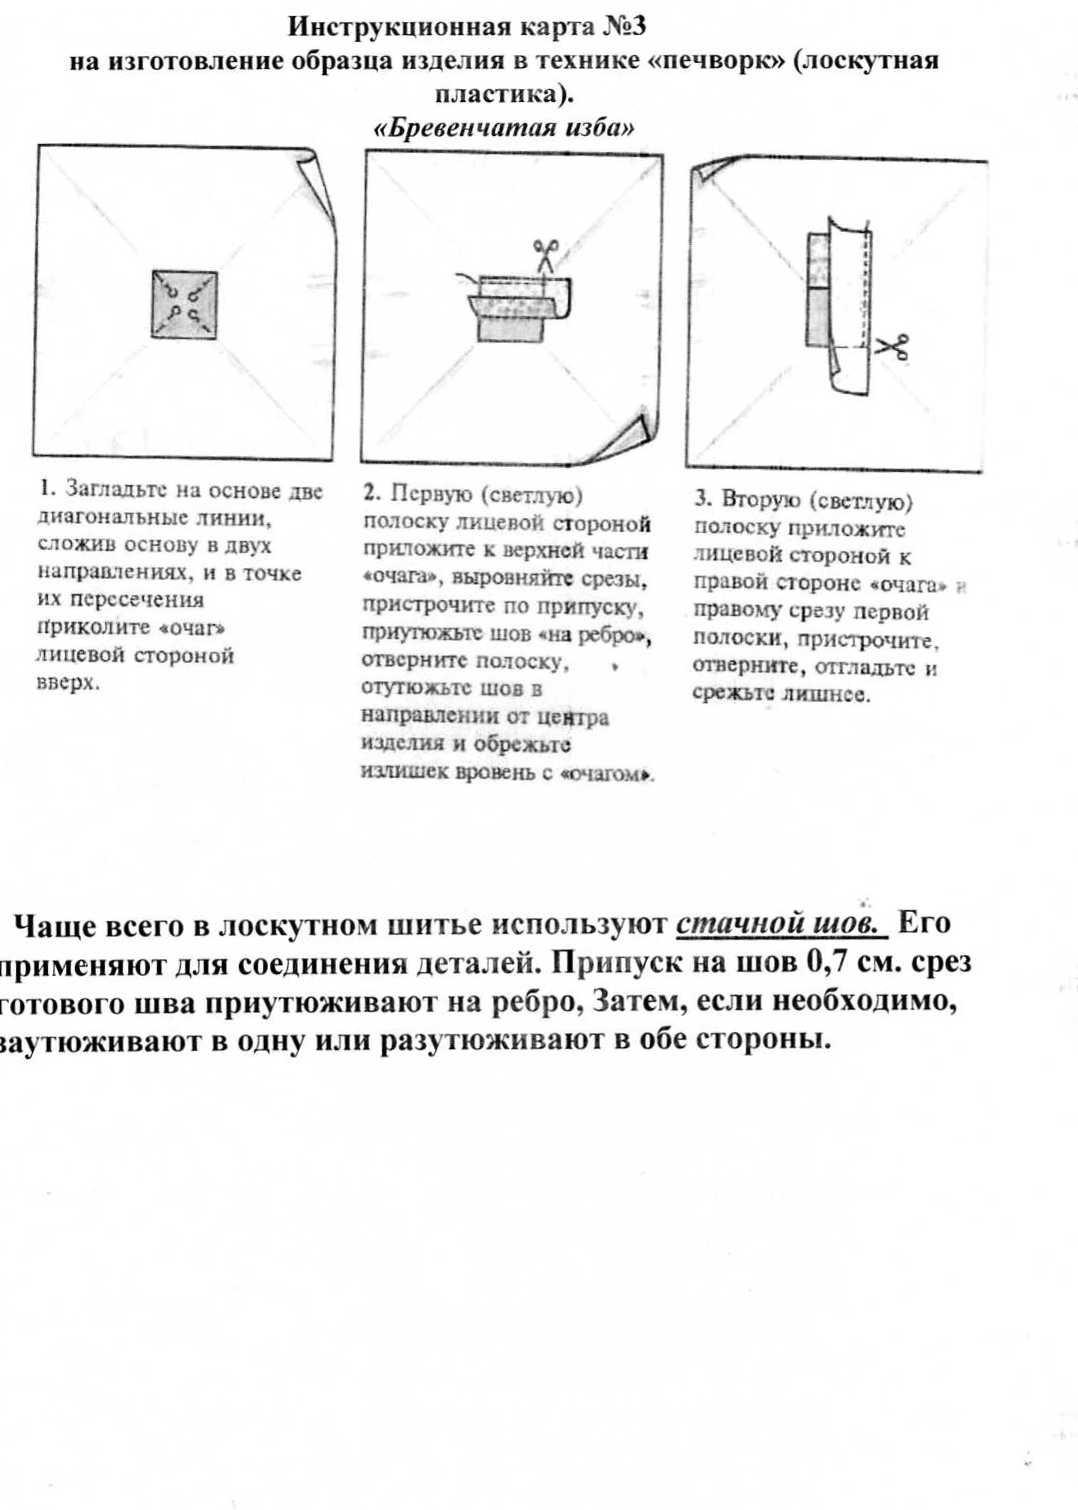 F:\швейный цех\Приложение к уроку\img018.jpg